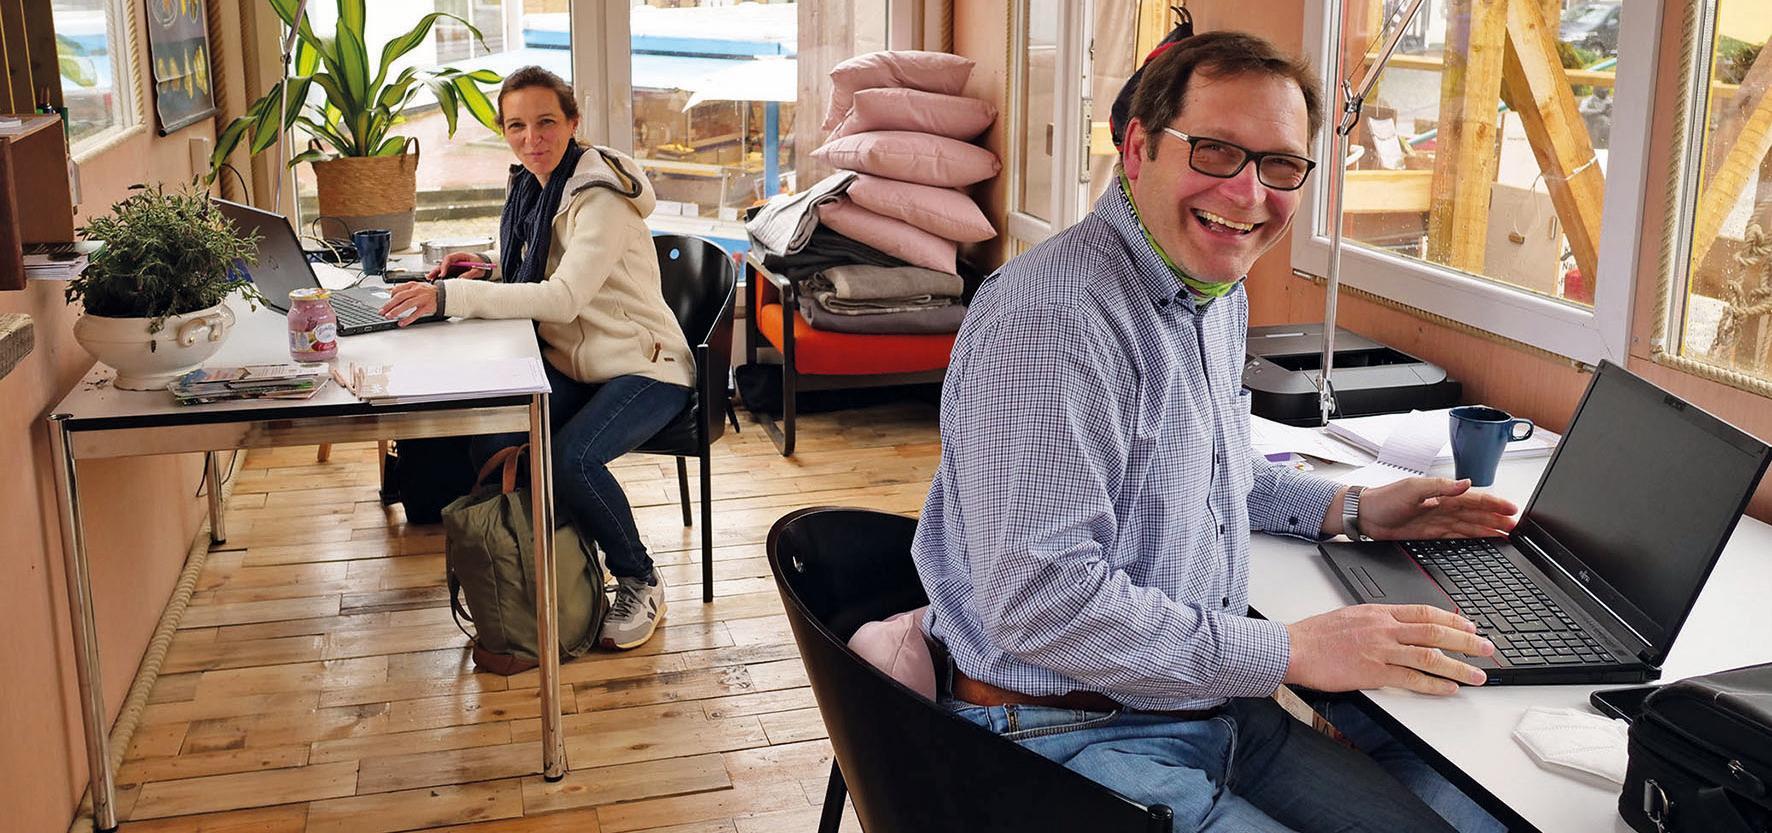 Berit Hartig und Rüdiger Fricke von der Landwirtschaftskammer Niedersachsen erproben den Pop-up-Coworking-Space in Wittingen. Foto: privat